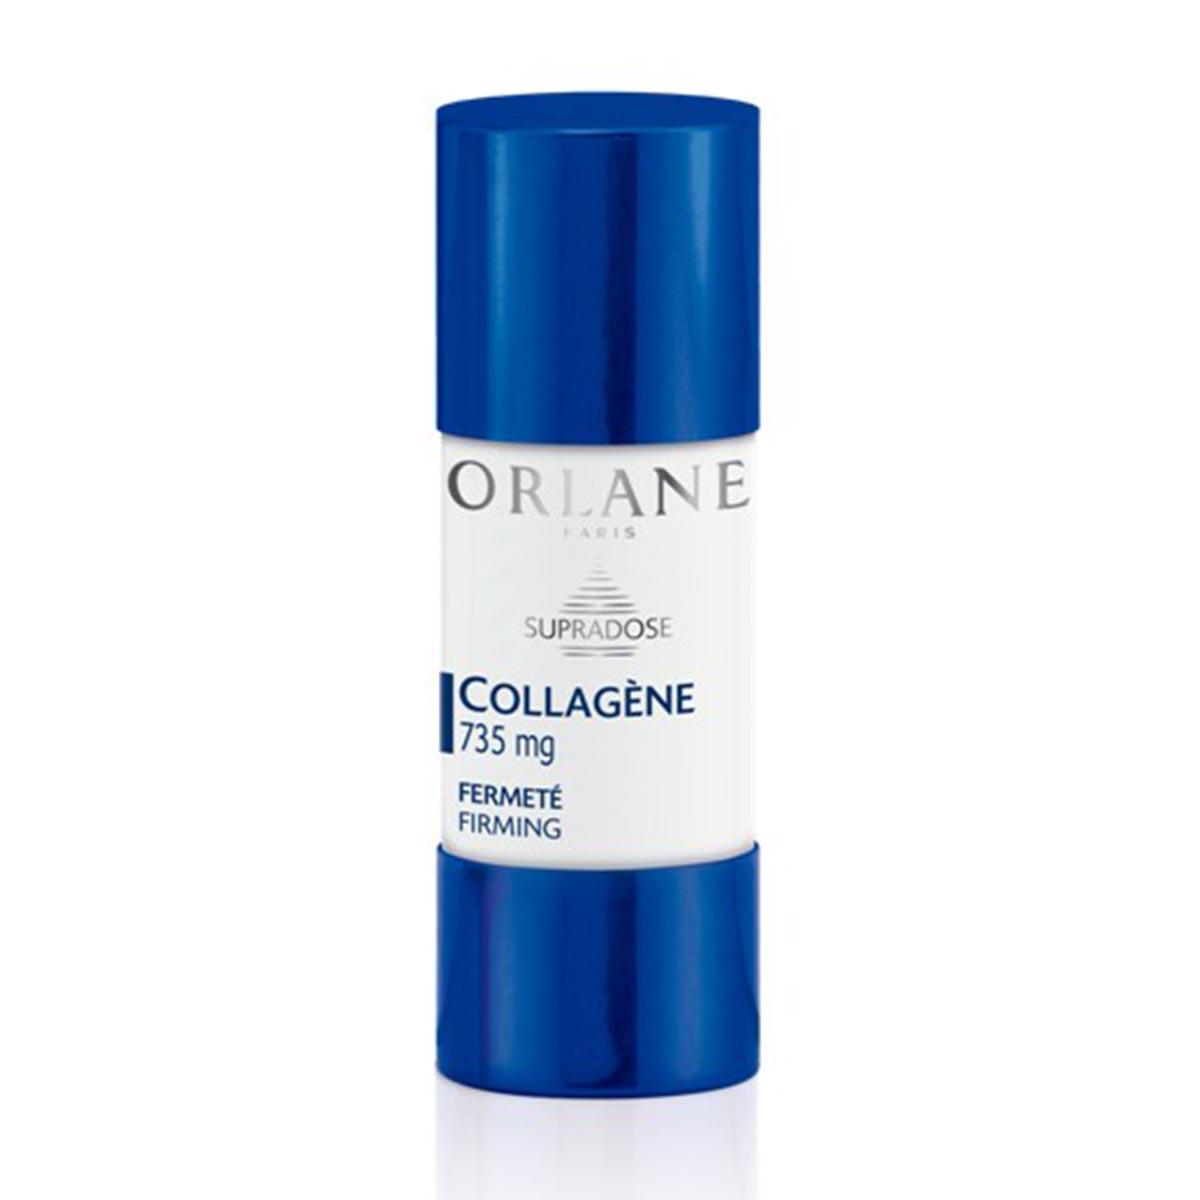 Orlane supradose serum 15ml